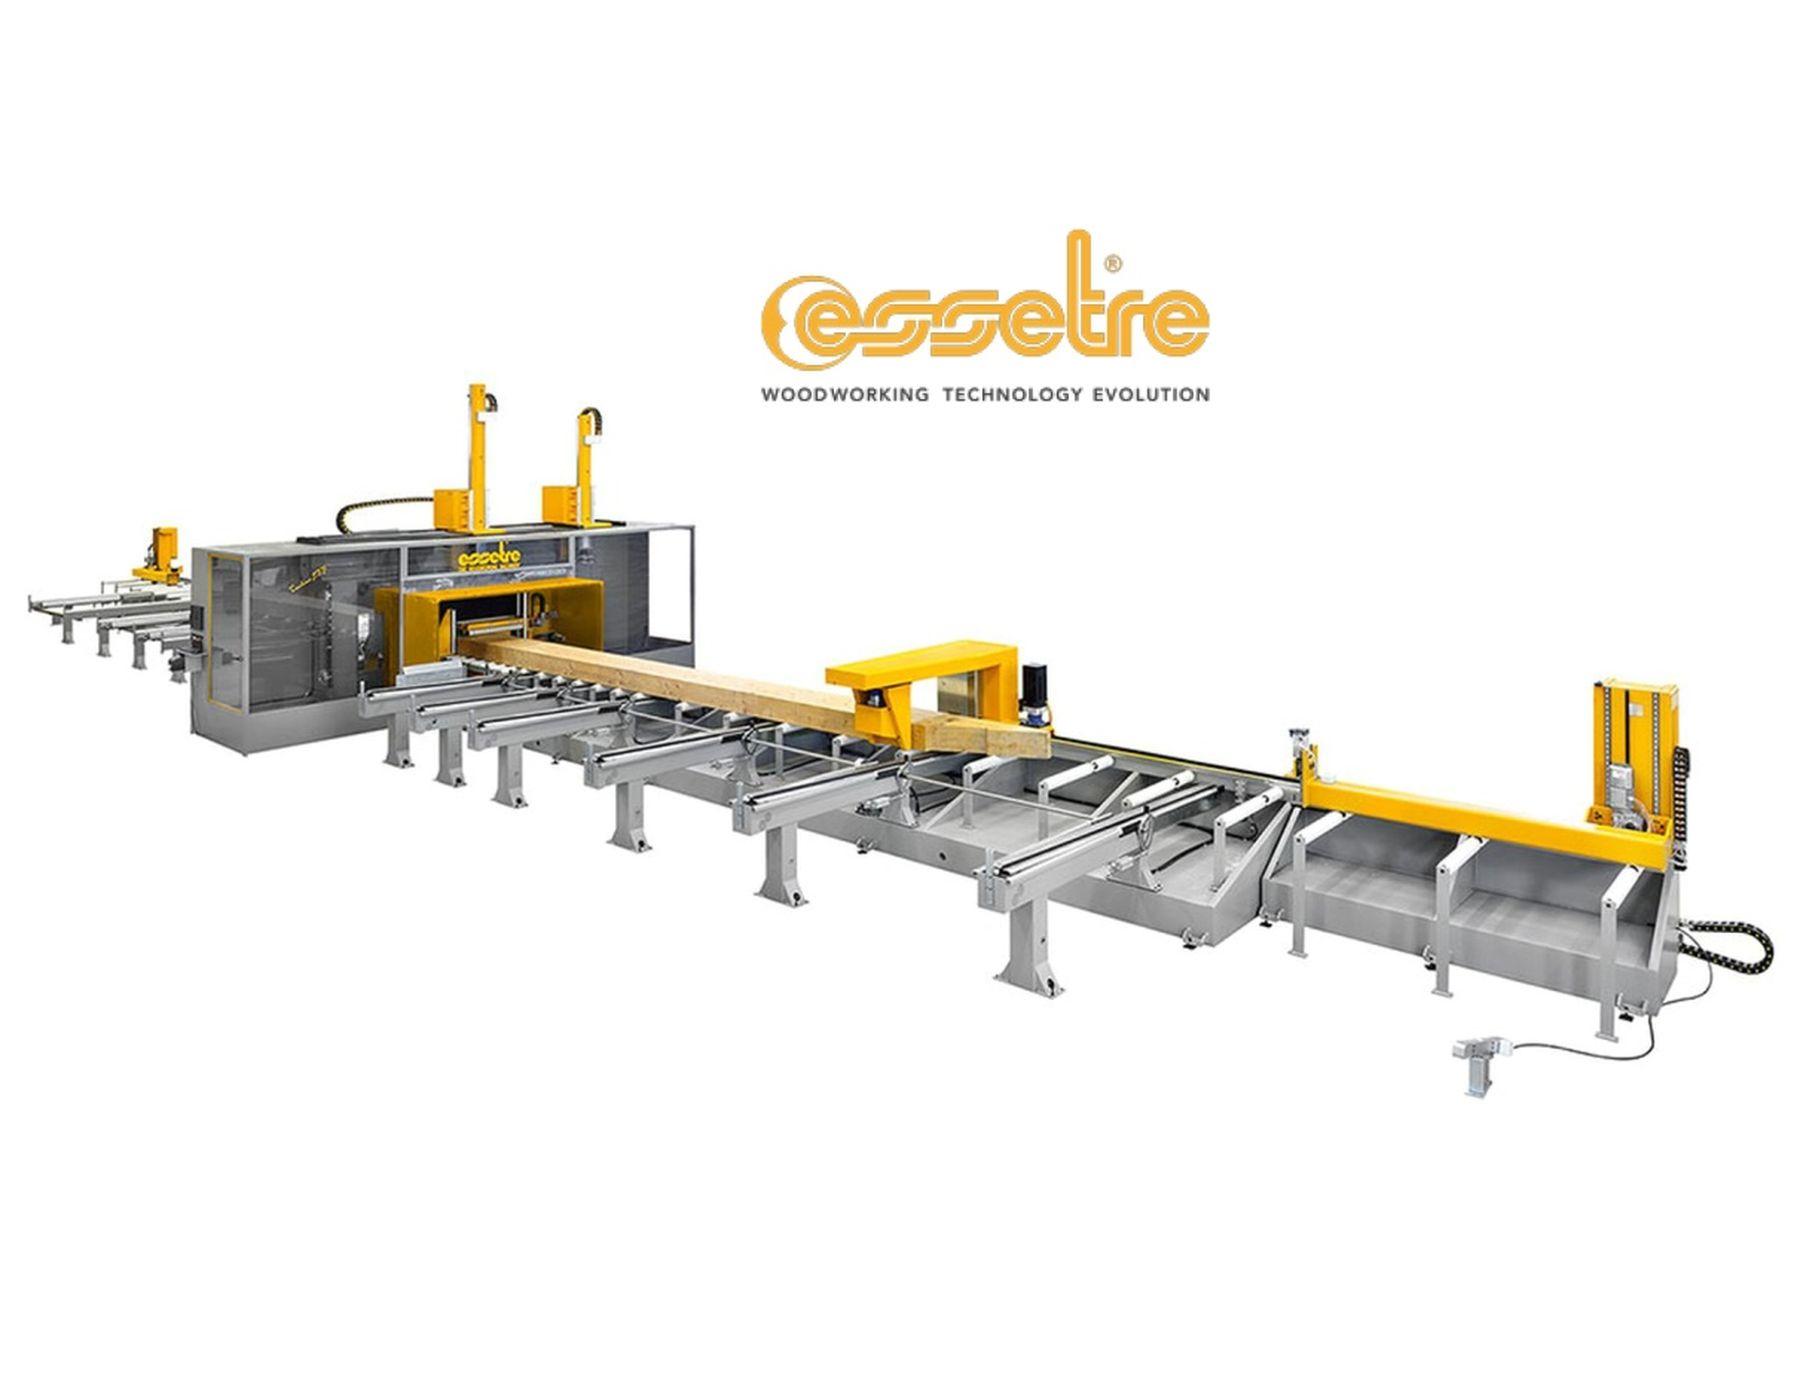 Nuovo Centro di Lavoro Essetre Techno PF 1250